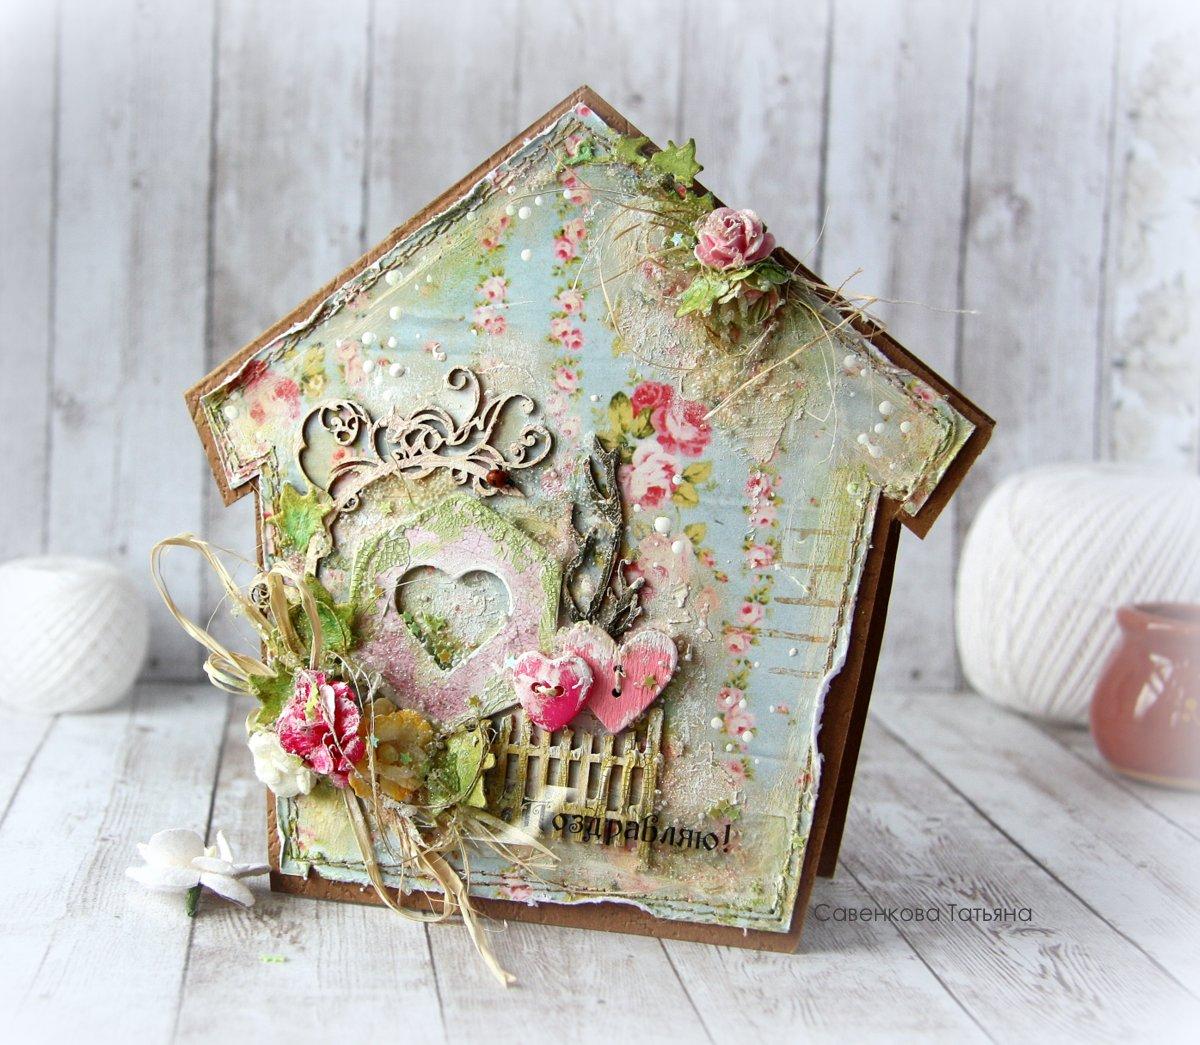 раз домик для открытки предусматривает использование ламелей